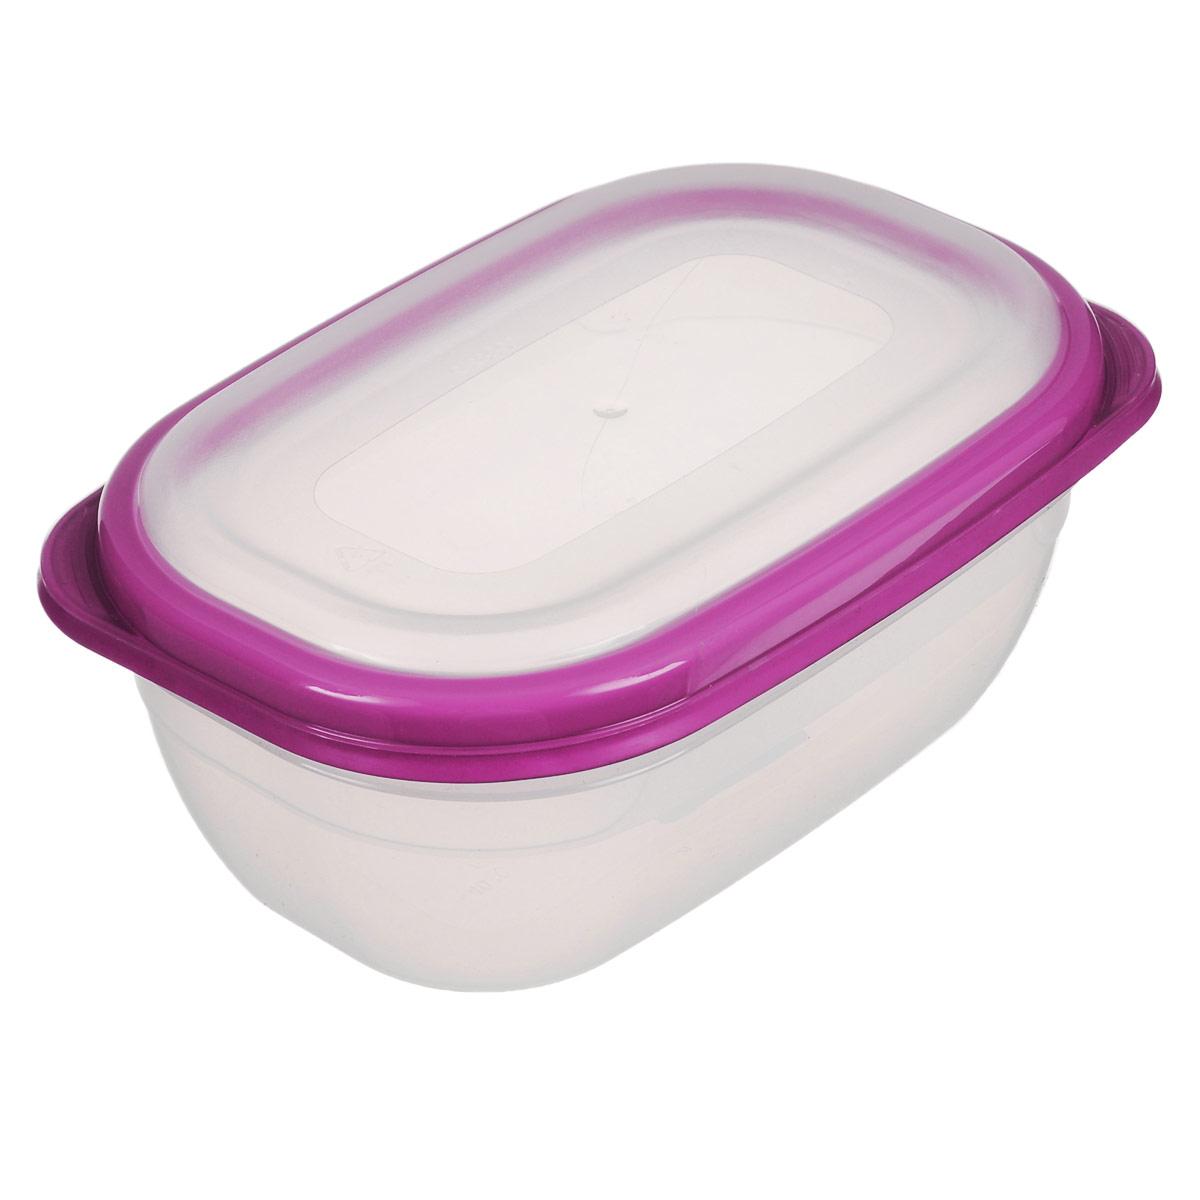 Контейнер для СВЧ Полимербыт Премиум, цвет: прозрачный, розовый, 0,5 лFS-91909Прямоугольный контейнер для СВЧ Полимербыт Премиум изготовлен из высококачественного прочного пластика, устойчивого к высоким температурам (до +110°С). Крышка плотно и герметично закрывается, дольше сохраняя продукты свежими и вкусными. Контейнер идеально подходит для хранения пищи, его удобно брать с собой на работу, учебу, пикник или просто использовать для хранения пищи в холодильнике.Подходит для разогрева пищи в микроволновой печи и для заморозки в морозильной камере (при минимальной температуре -40°С). Можно мыть в посудомоечной машине.